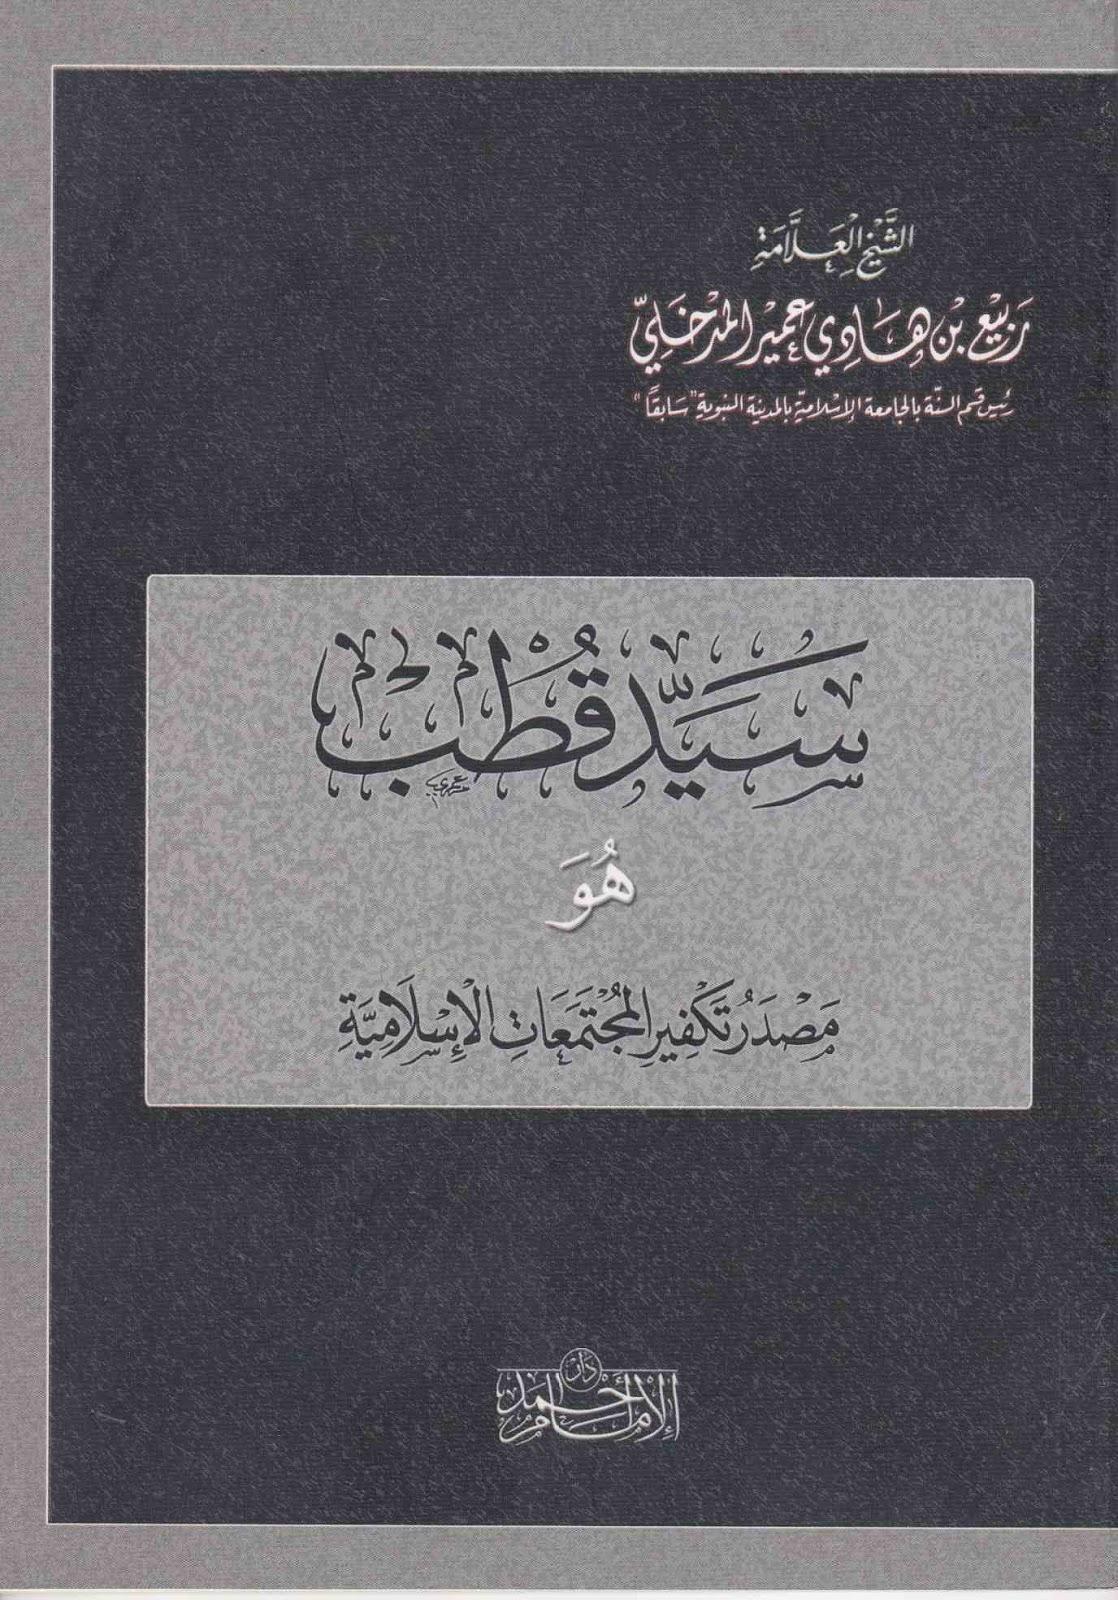 تحميل كتاب how not to die مترجم